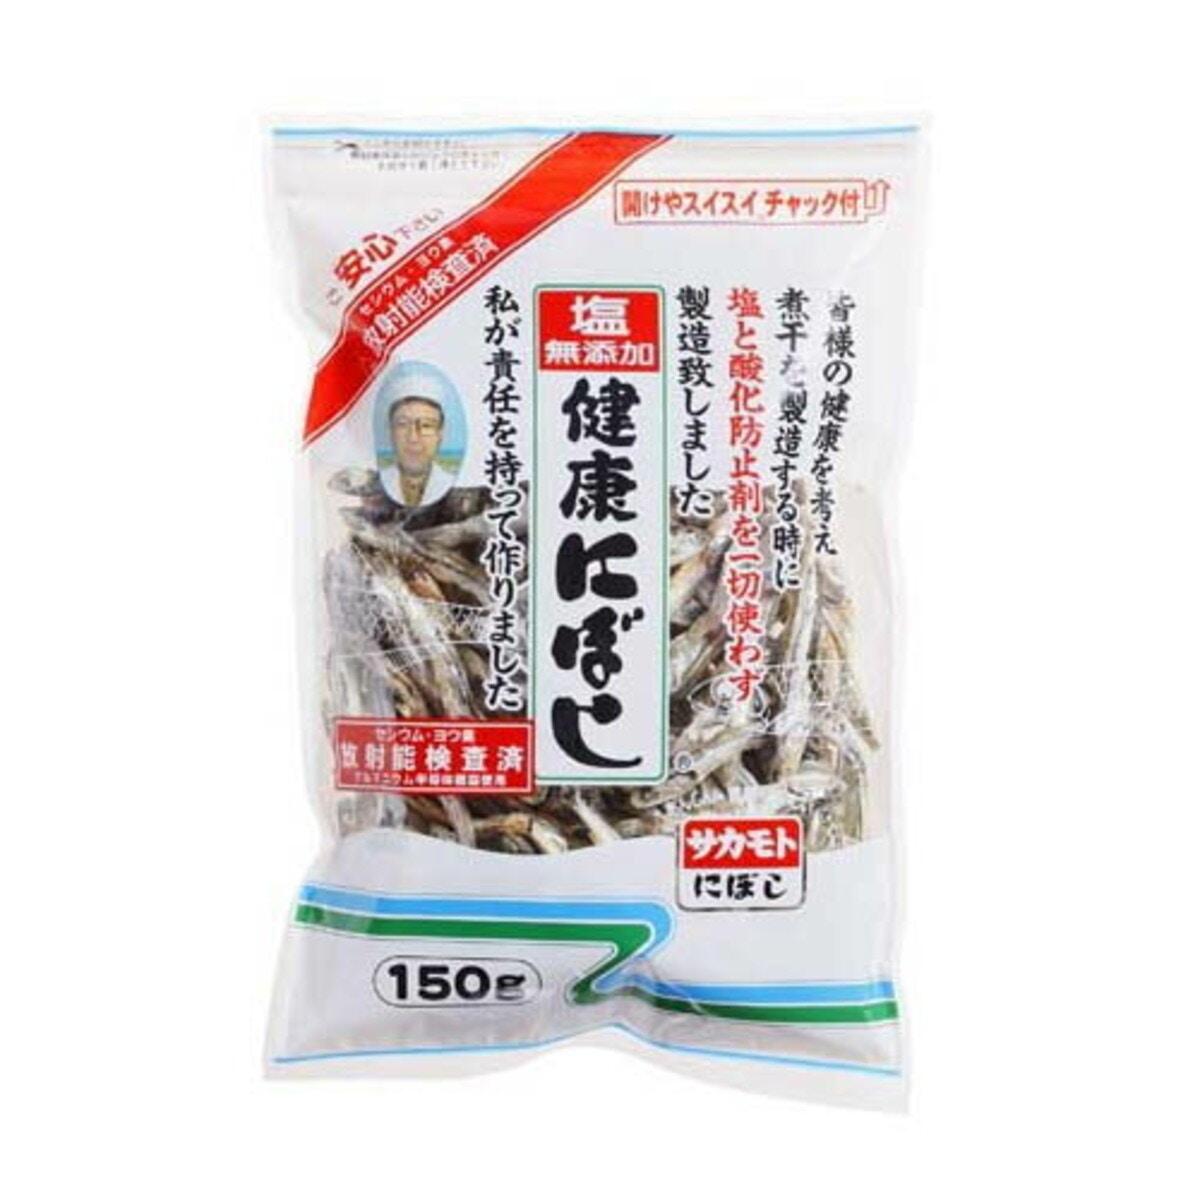 サカモト 塩無添加健康にぼし(片口) 150g